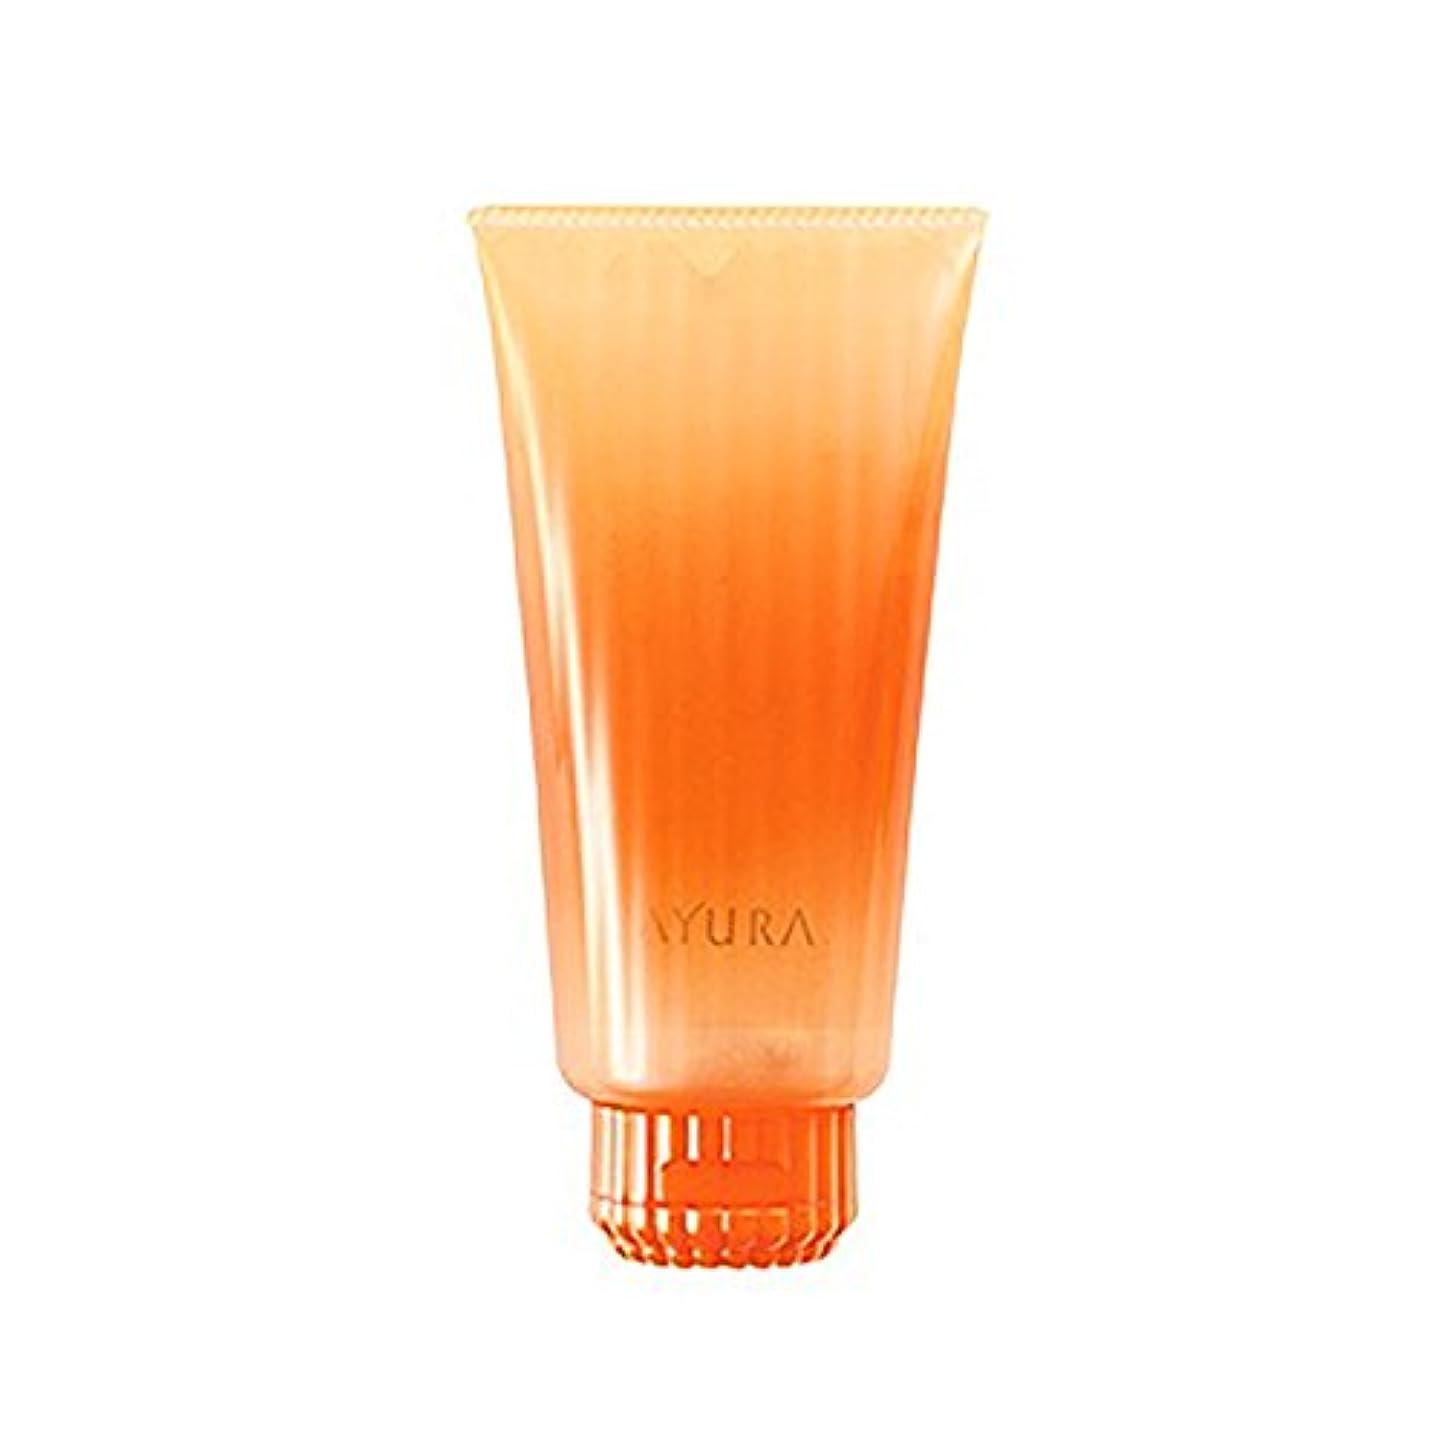 めまいストリーム会話型アユーラ (AYURA) ビカッサ リバランスボディー180g 〈ボディー用 マッサージ美容液〉 洗い流しタイプ 温感ジェル